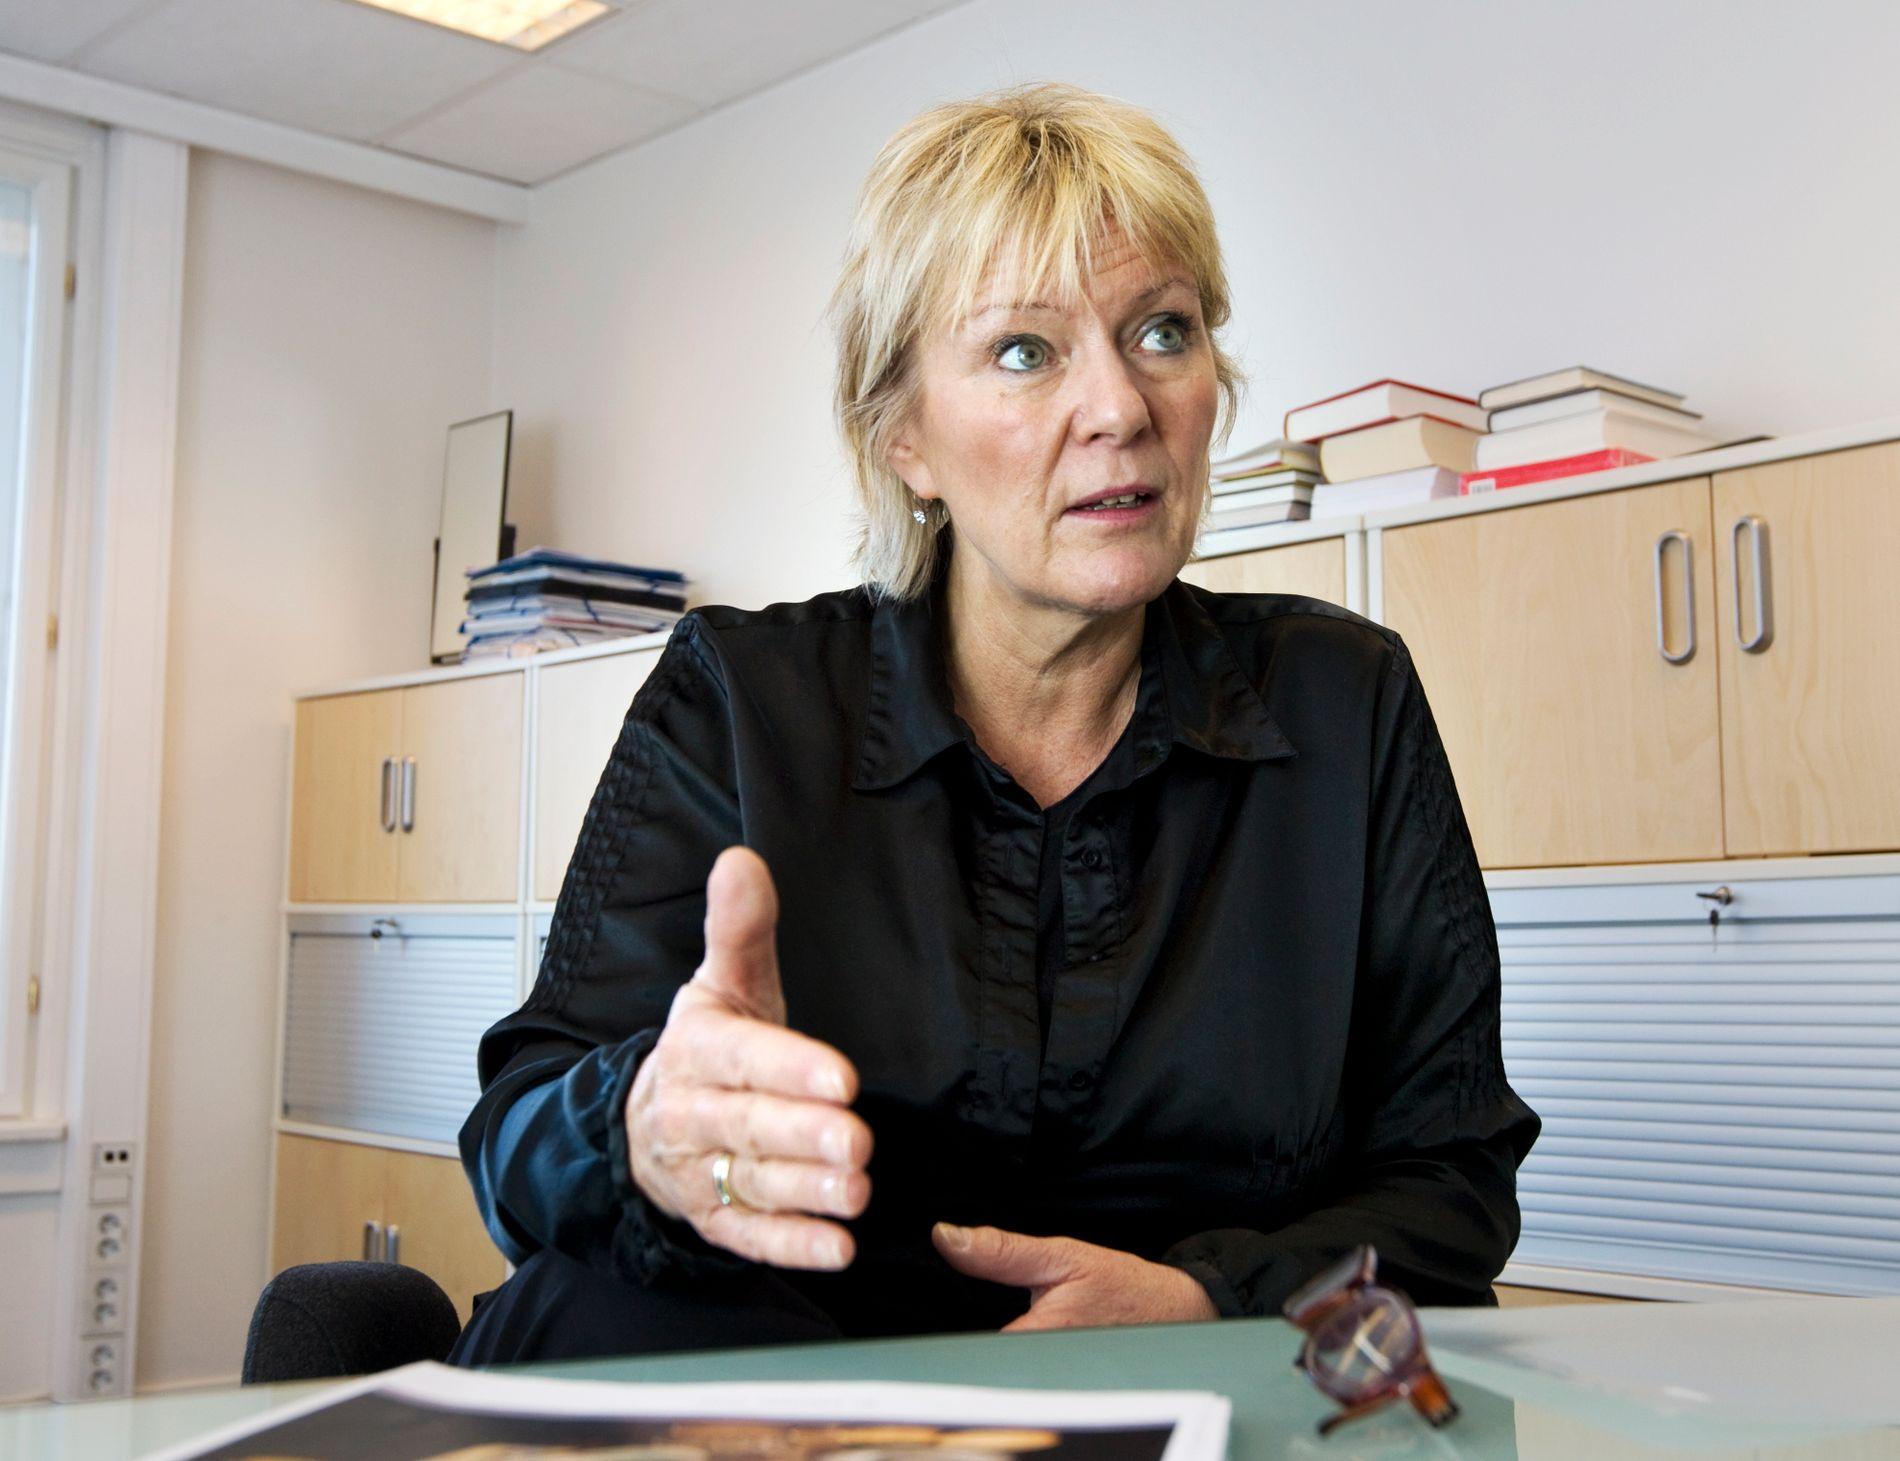 FØLER SEG LURT: Kristin Clemet kjøper ikke NOAS argumenter om at det er Joners egne meninger.